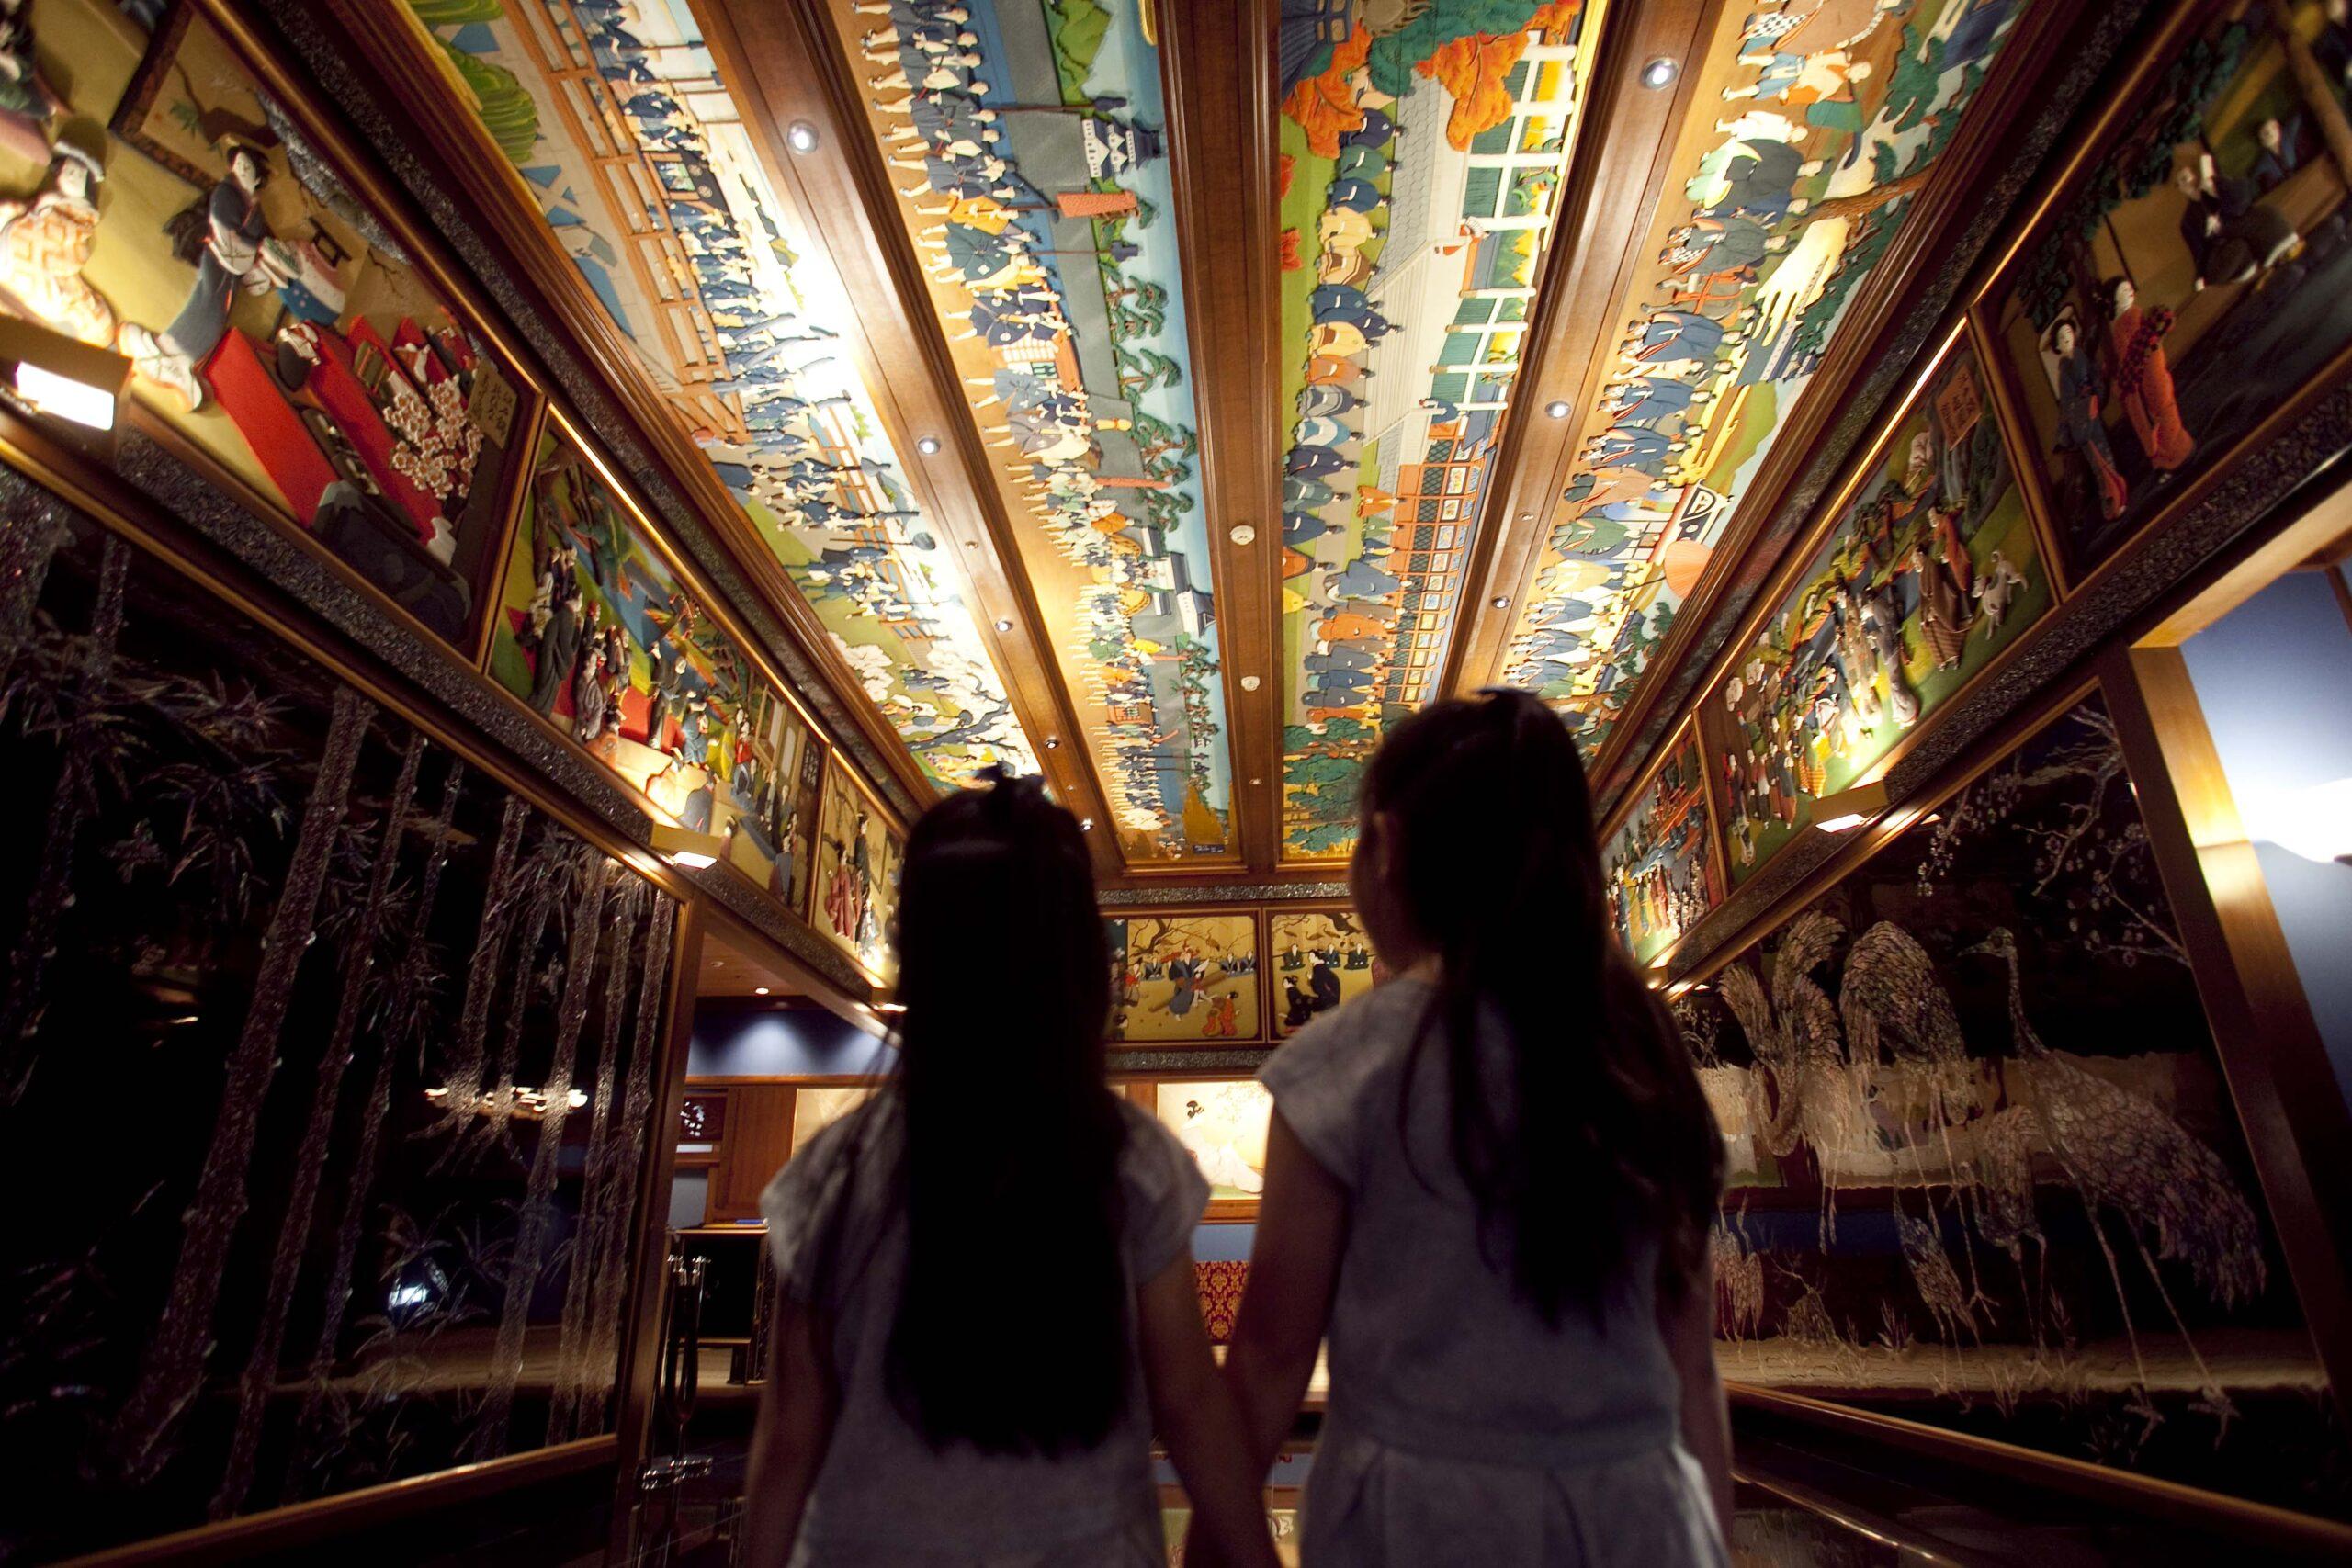 ホテル雅叙園東京の夏は親子で!「親子アートツアー」「ものづくり体験」が開催中